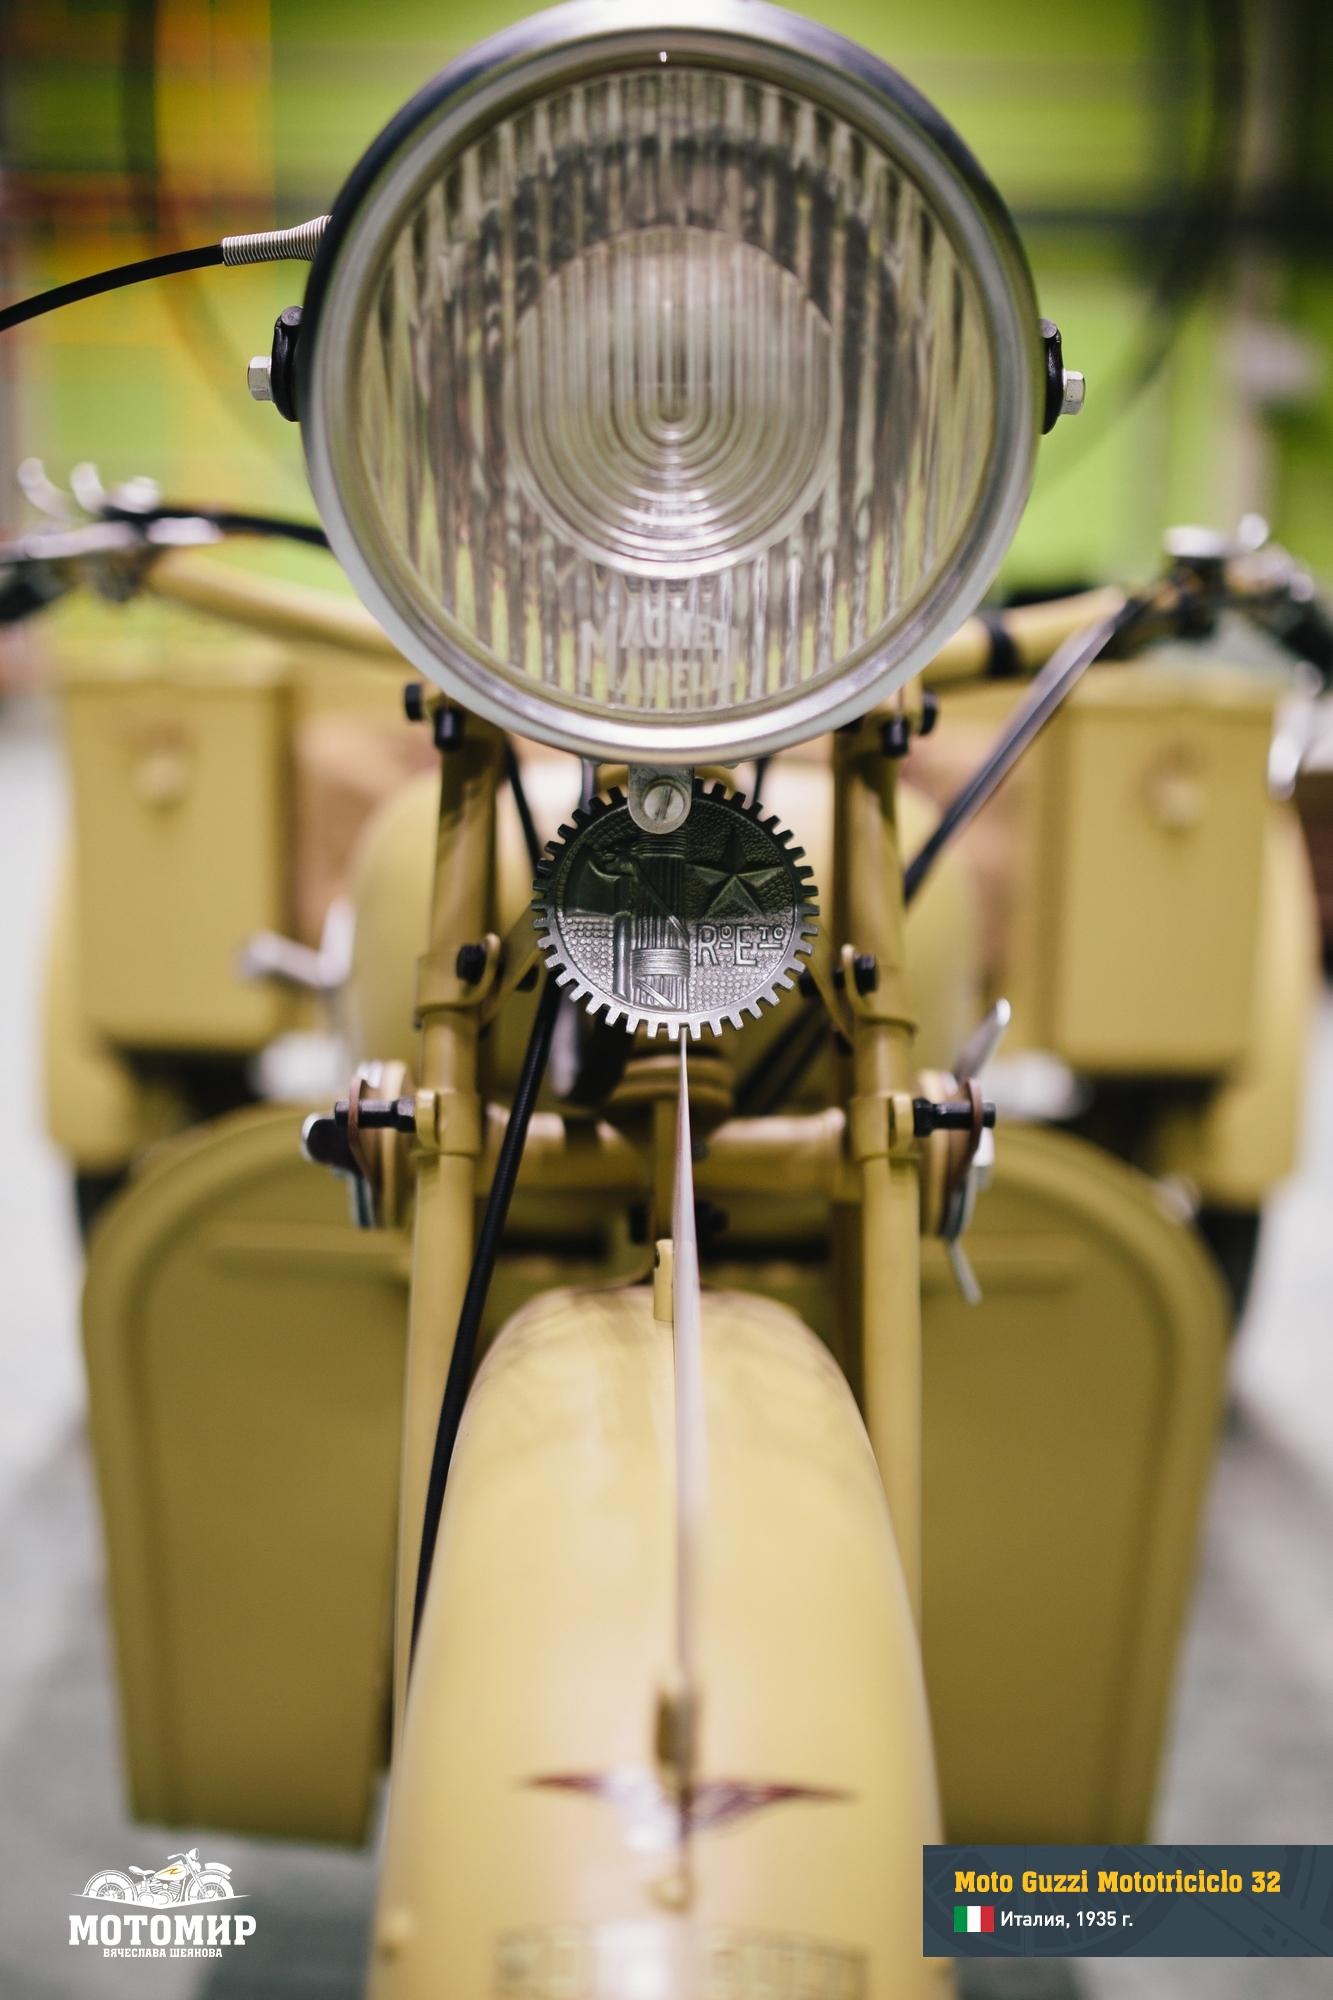 moto-guzzi-mototriciclo-32-web-19